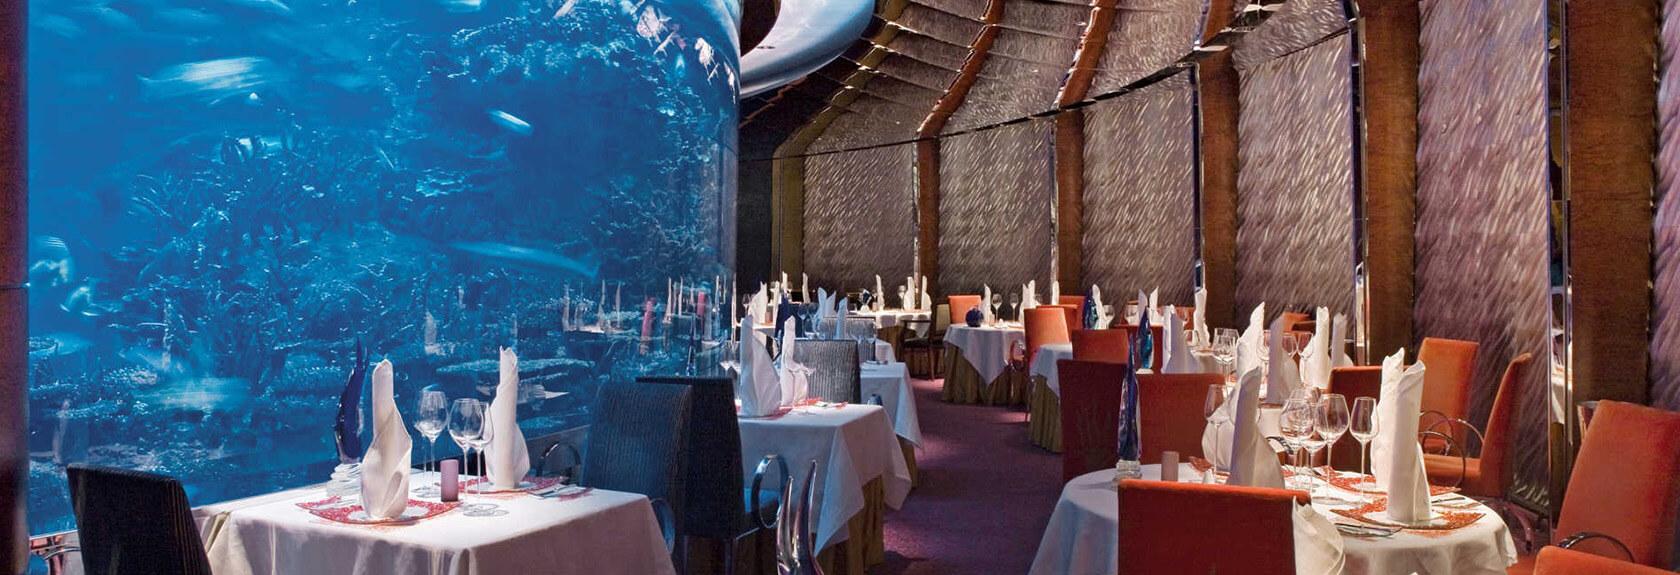 Restaurants in Burj al Arab hotel